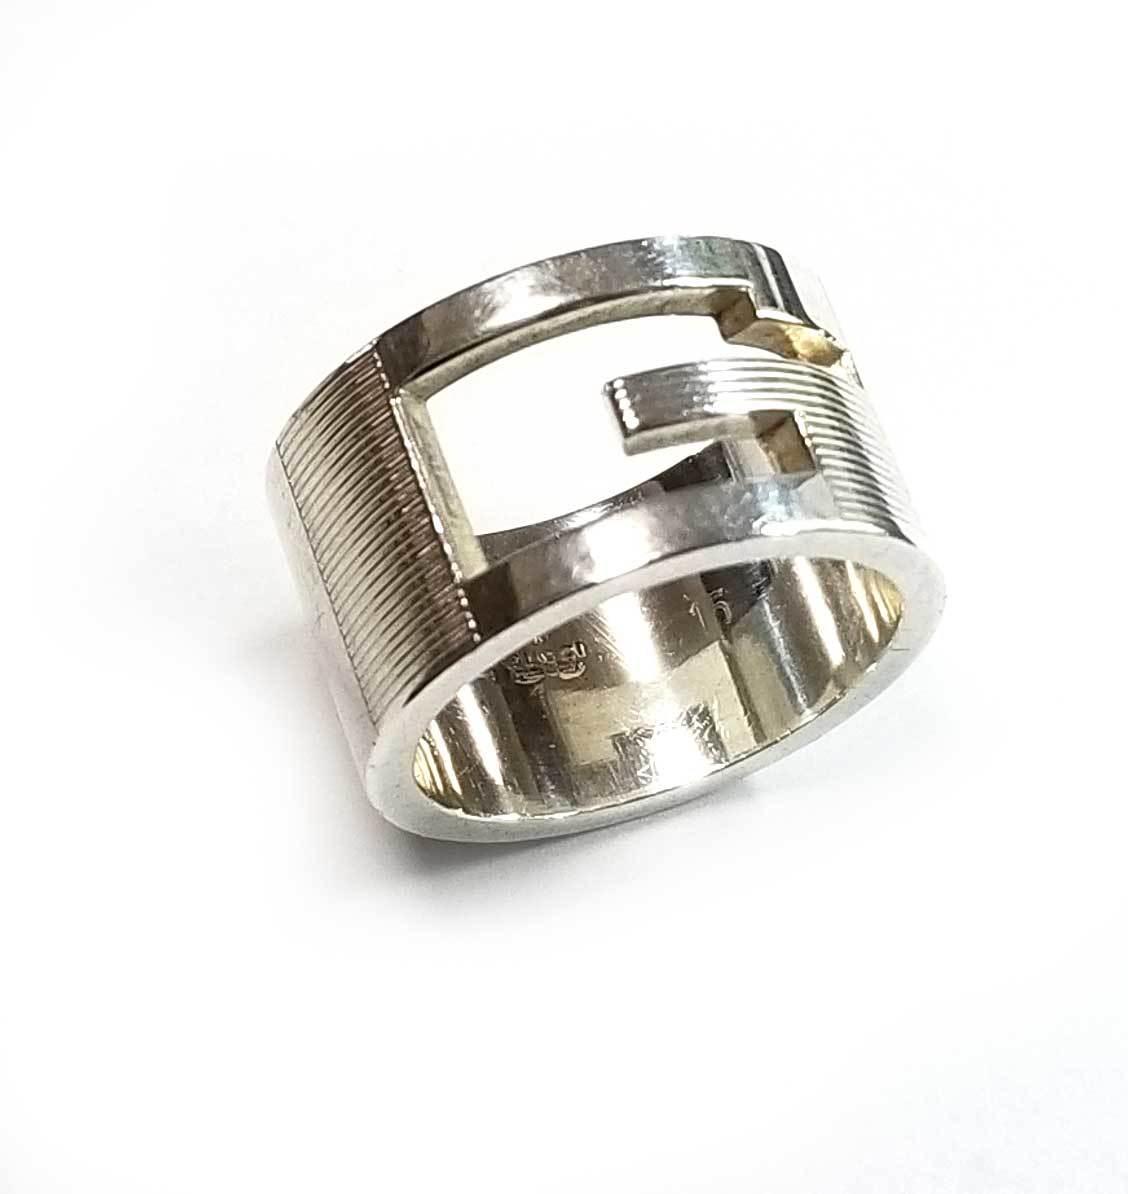 グッチ リング 指輪 Gリング 15 約14号 シルバー レディース メンズ カットアウト Gモチーフ ブランテッドGリング SV925 GUCCI 【中古】